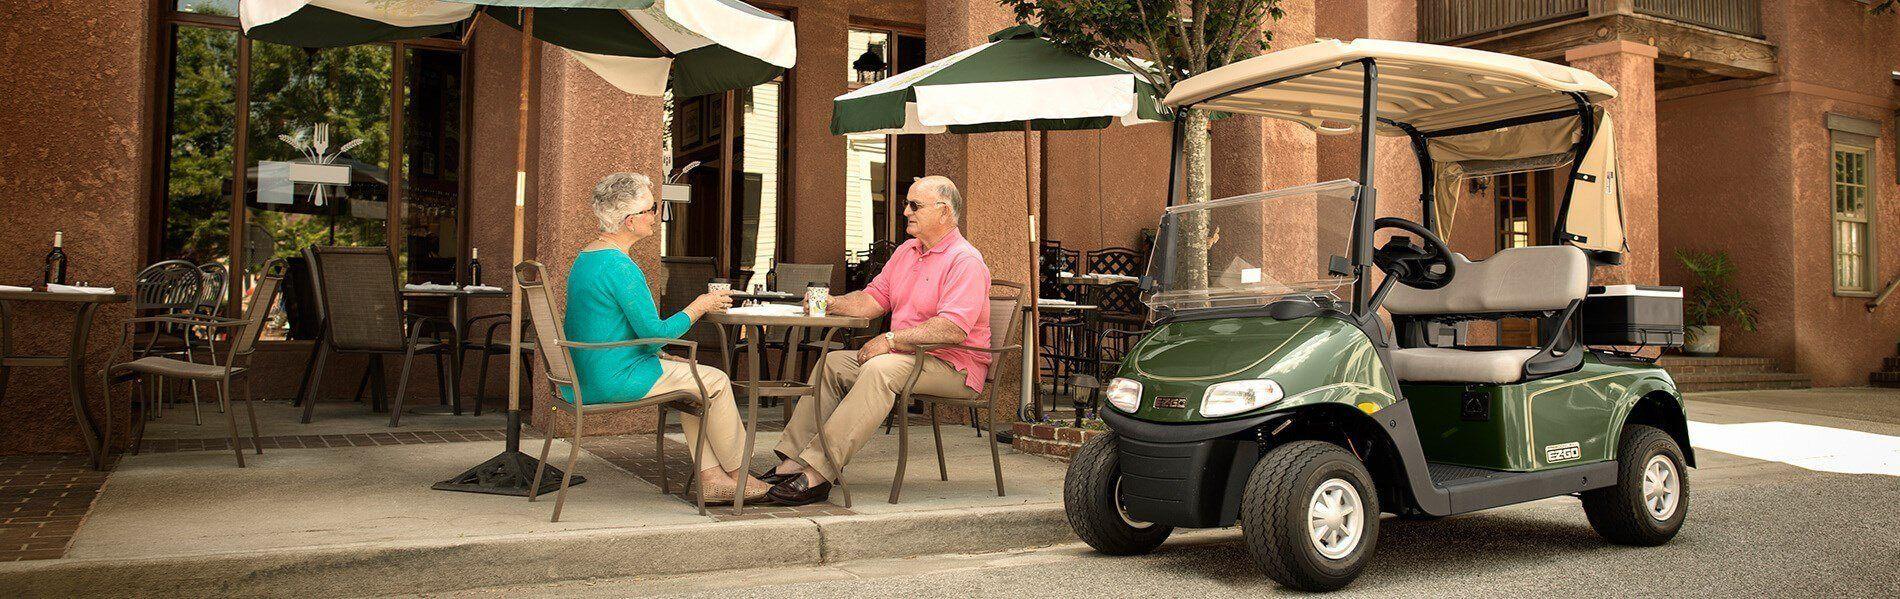 candy cart, heart cart, disney cart, white cart, beach cart, sports cart, rainbow cart, plow cart, monarch cart, animal cart, printable grocery cart, charlie cart, circus cart, play grocery cart, birthday cart, halloween cart, hello kitty cart, on princess golf cart gold